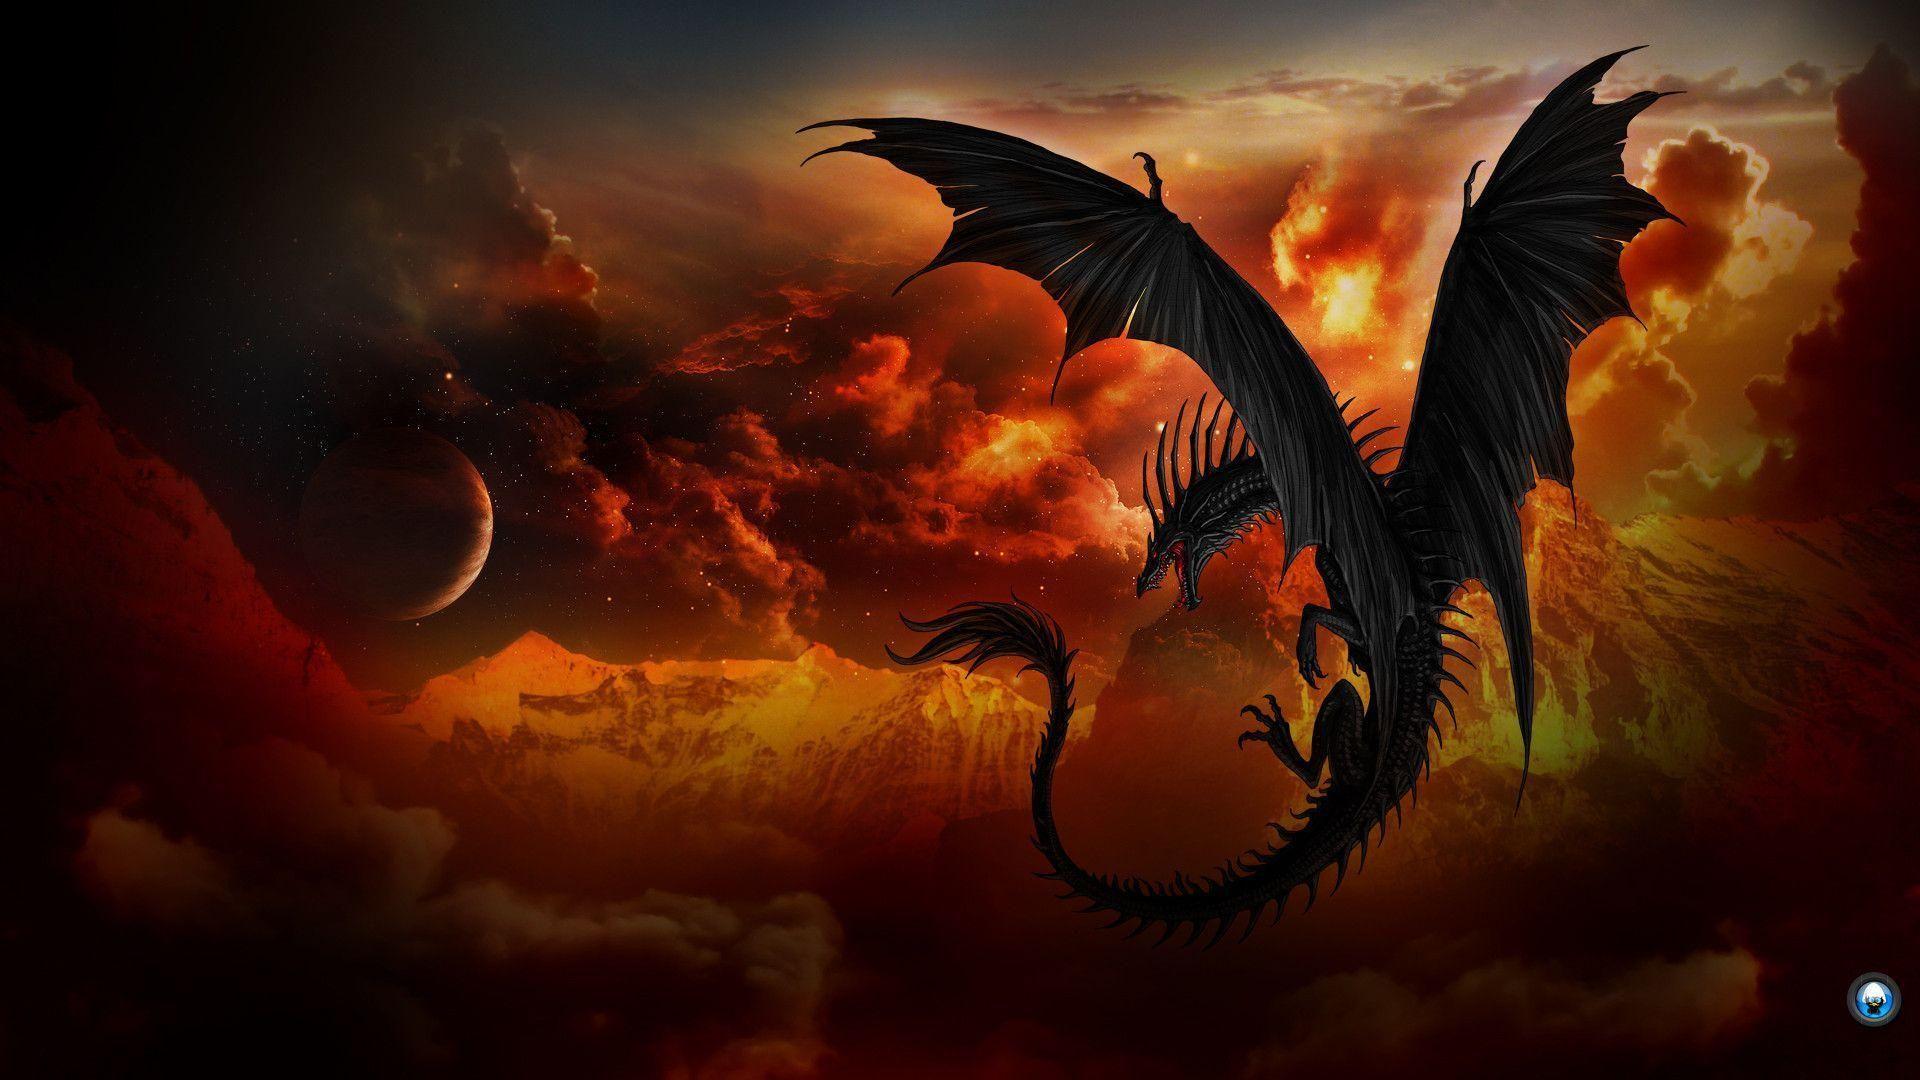 Dragon Logo Wallpaper Google Search Dragon Pictures Dragon Images Dragon Art